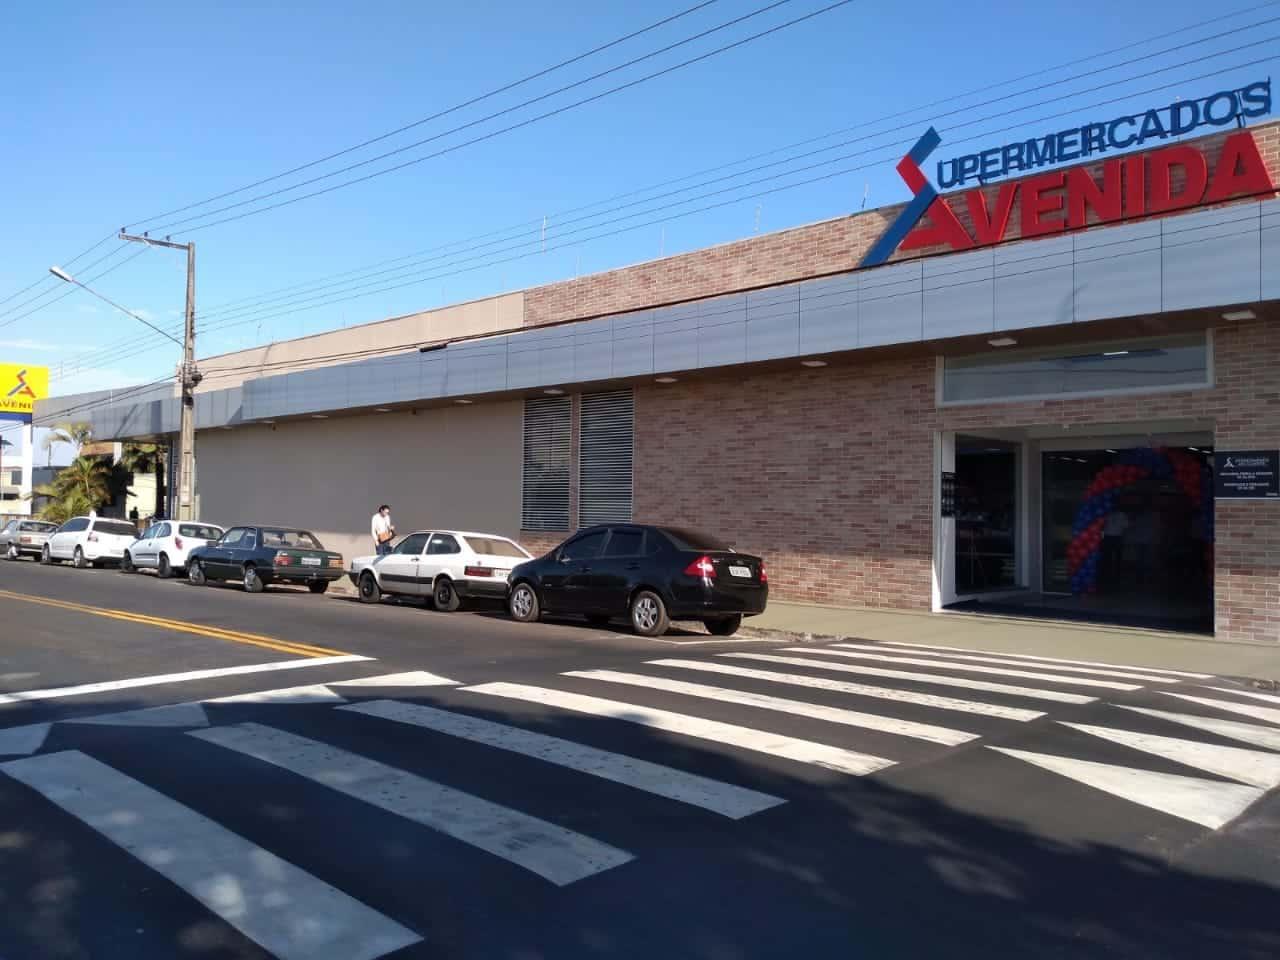 Supermercados Avenida da Prudenciana é reinaugurada em Assis (Foto: AssisNews)